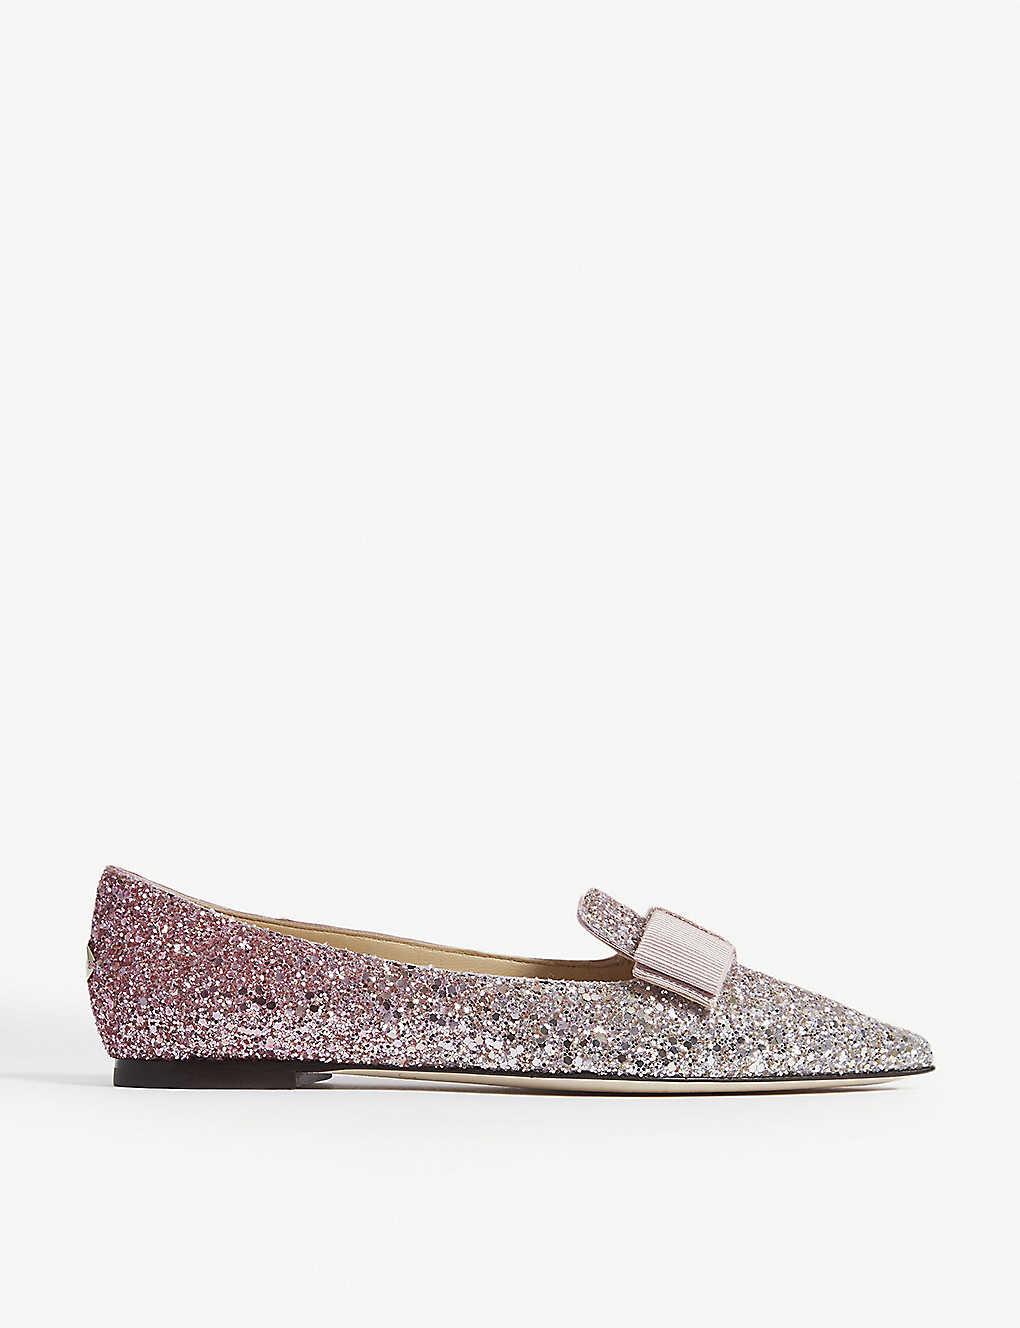 cac8d2131 Gala platinum and flamingo ice glitter dégradé pointed toe flats -  Platinumflamin ...